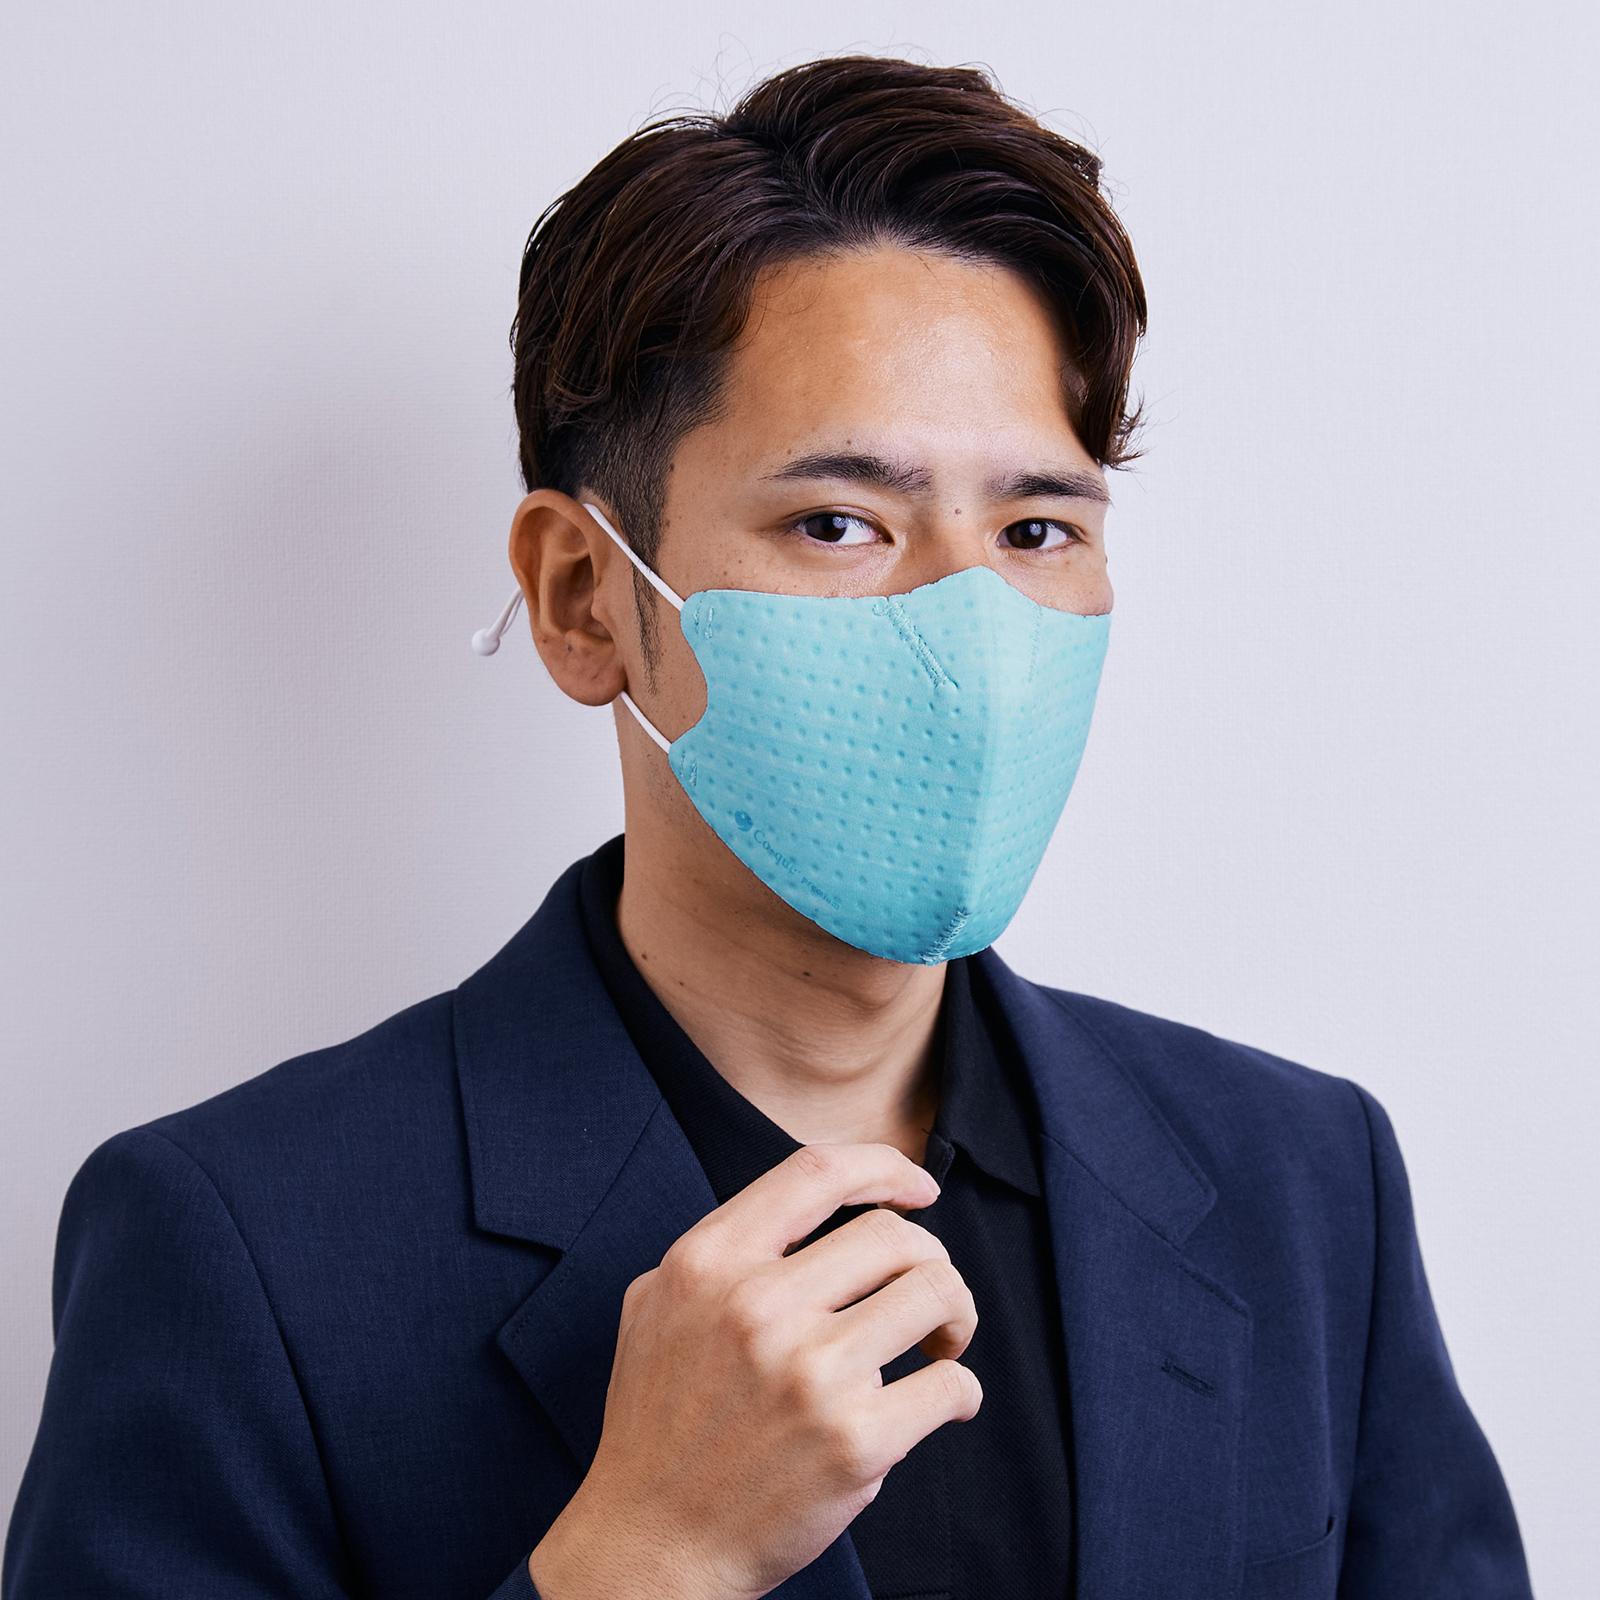 【単色購入】呼吸 Co-que プレミアム  コーラルブルー Lサイズ